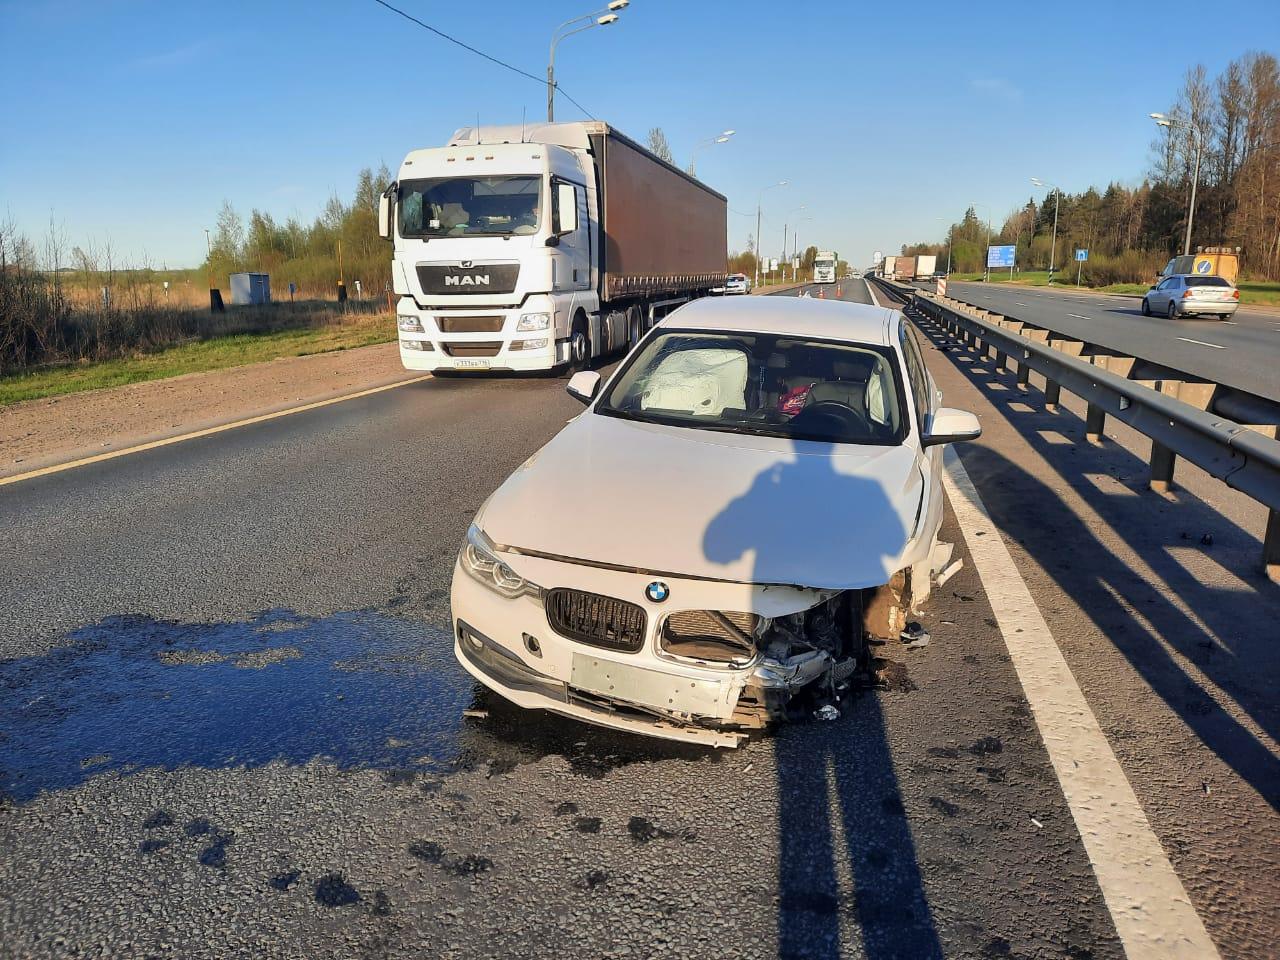 На М11 в Тверской области водитель BMW протаранил отбойник, пострадала женщина - новости Афанасий